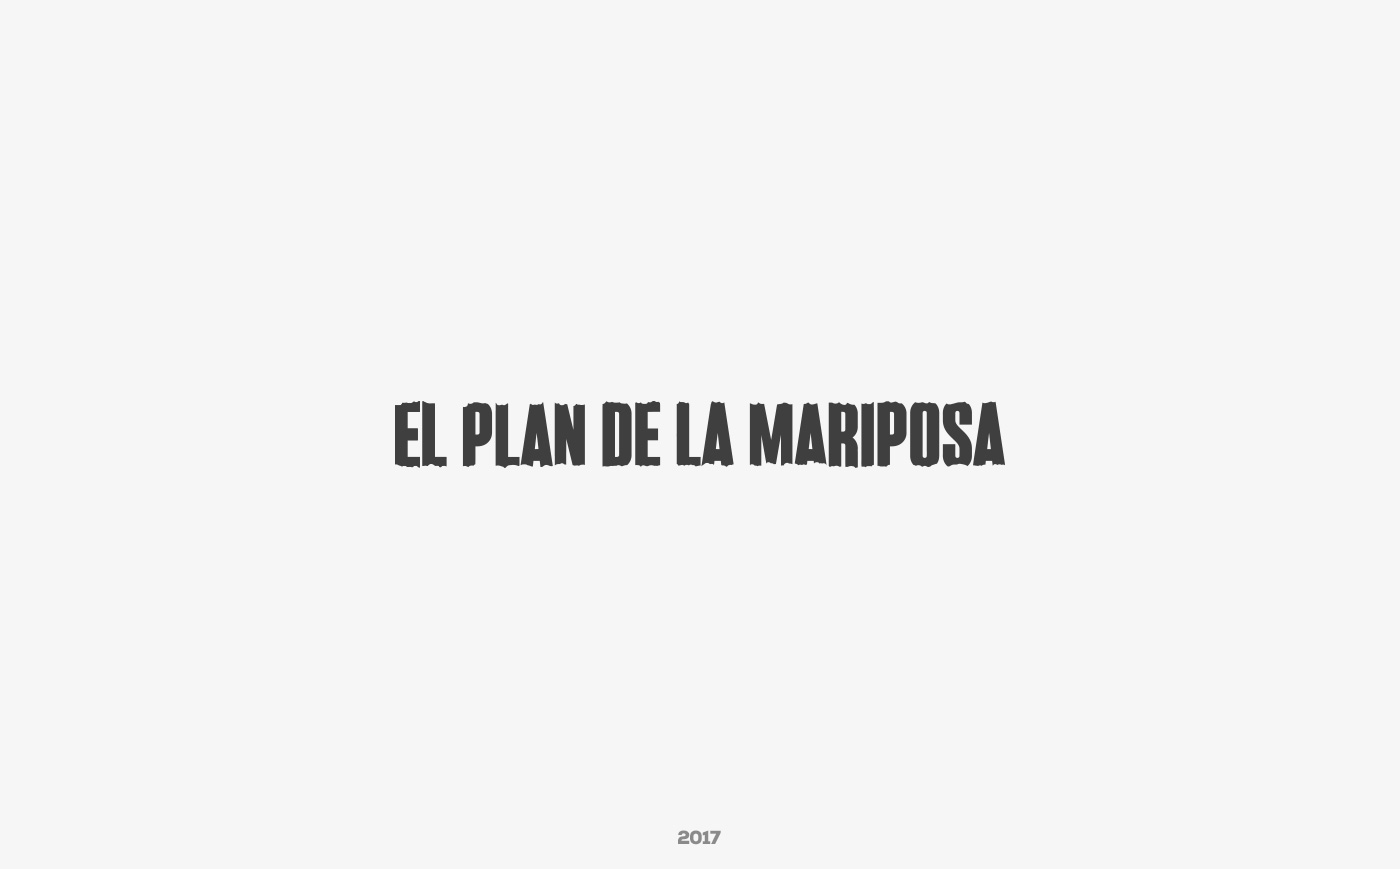 IDENTIDAD-EL-PLAN-DE-LA-MARIPOSA-2017-01